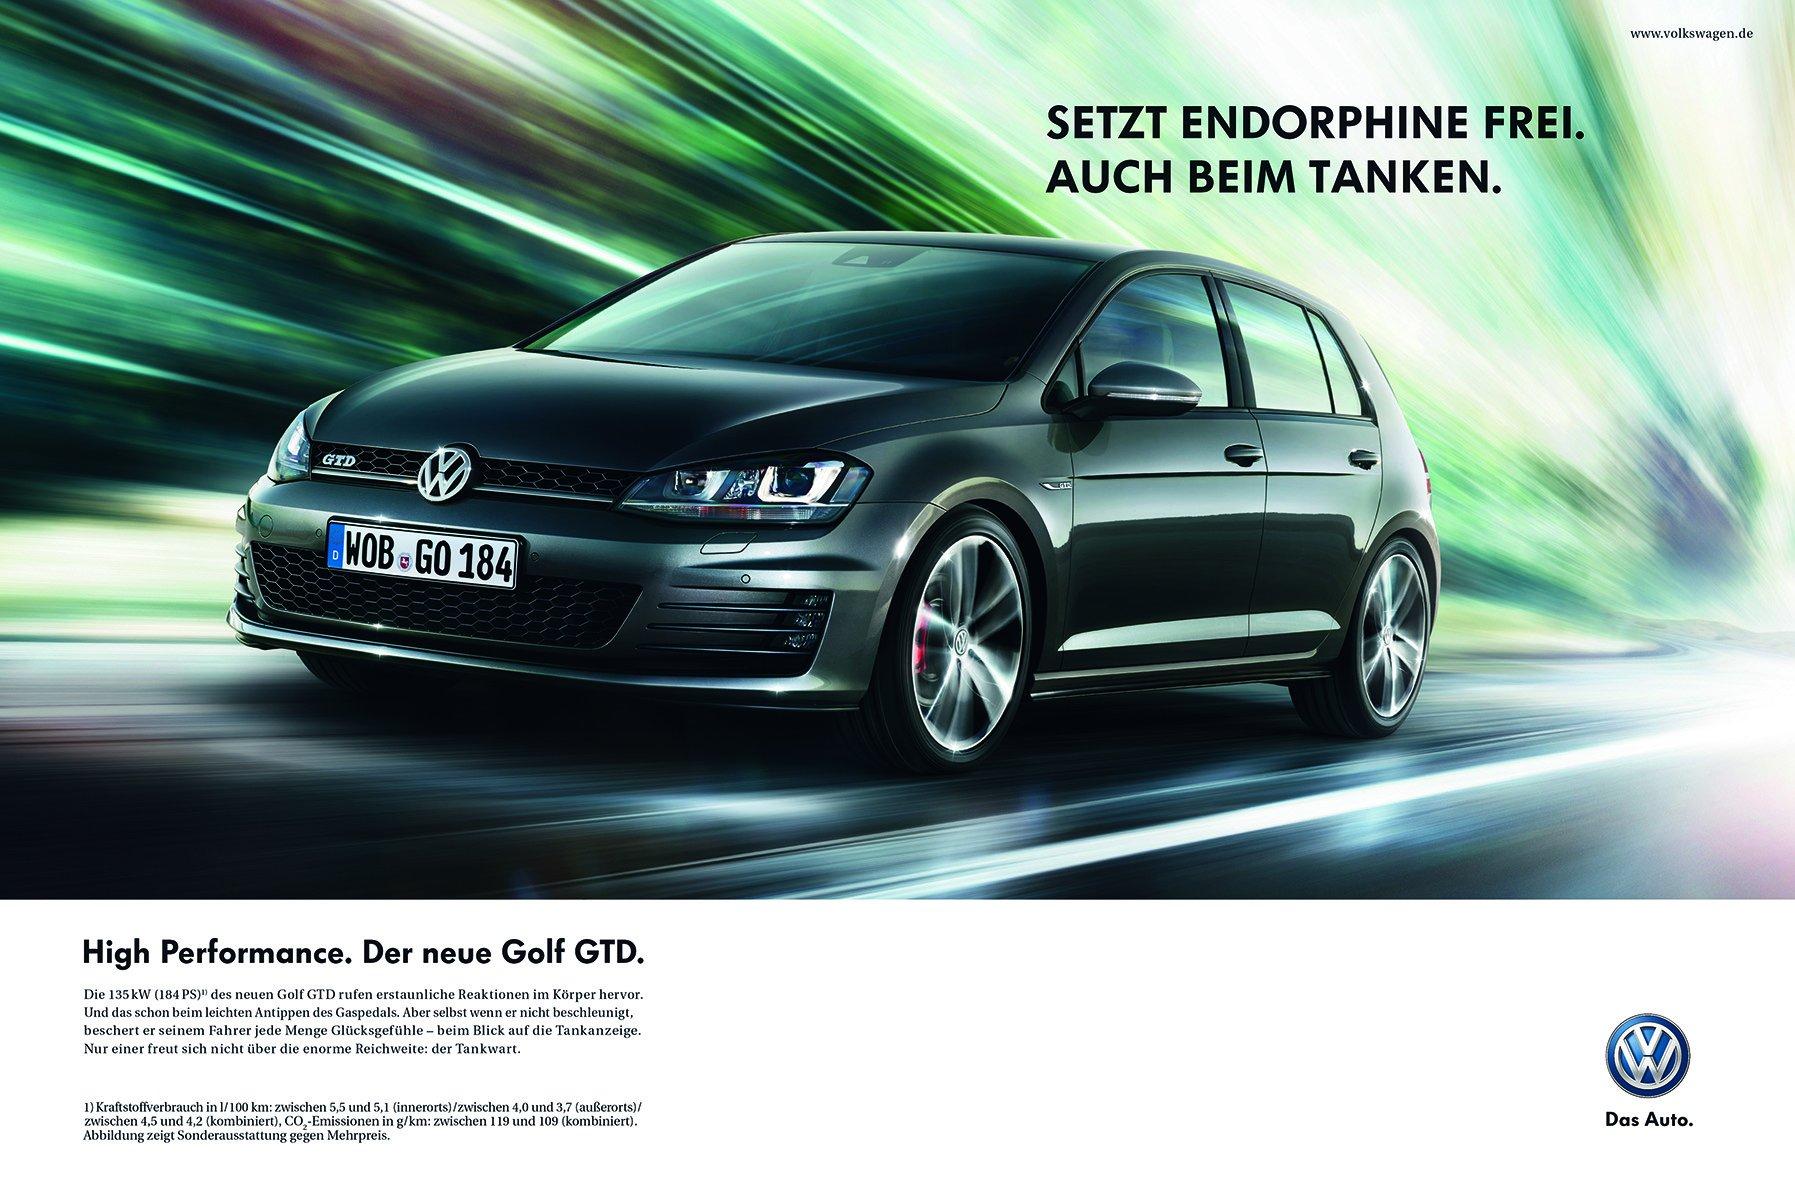 VW Golf GTD Werbespots